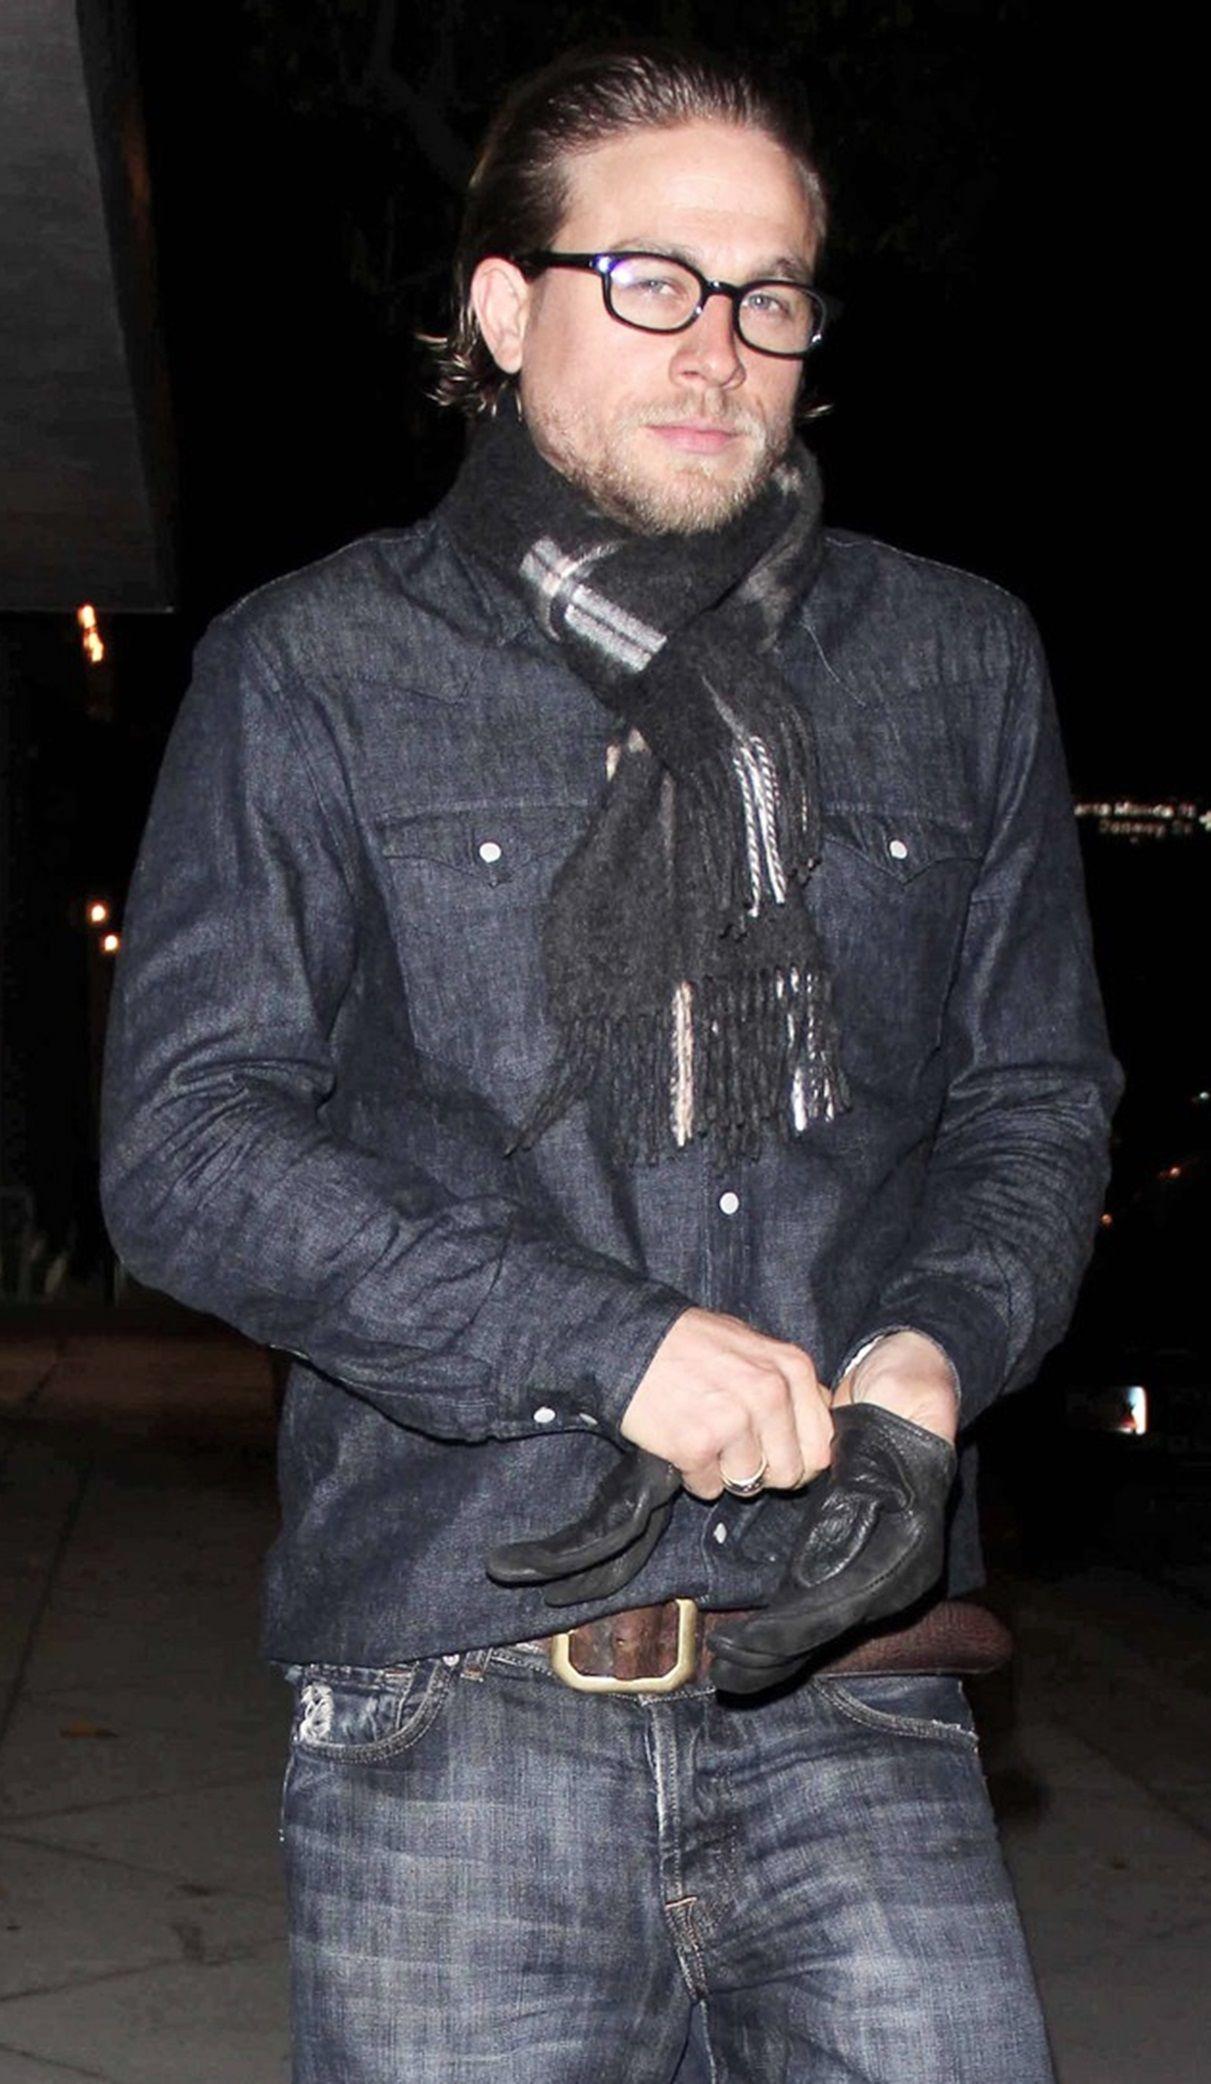 779e6d74b28 Charlie Hunnam wearing some Kurt sutter s glasses.